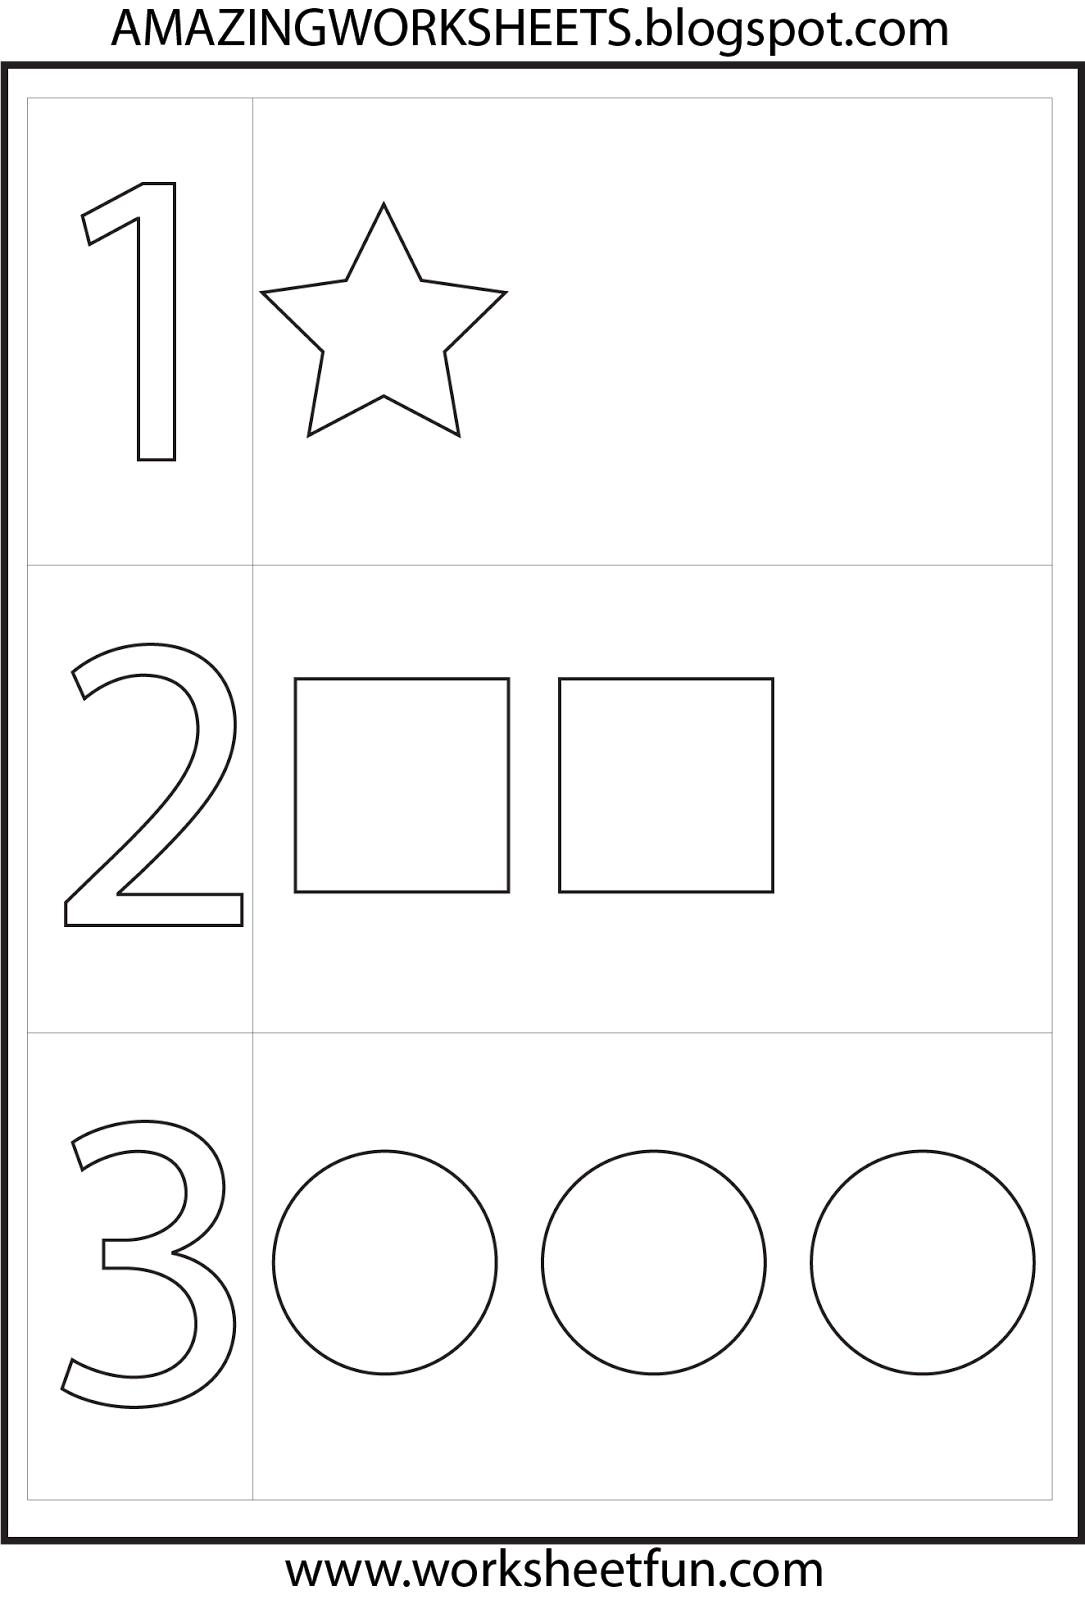 hight resolution of Worksheetfun - FREE PRINTABLE WORKSHEETS   Numbers preschool